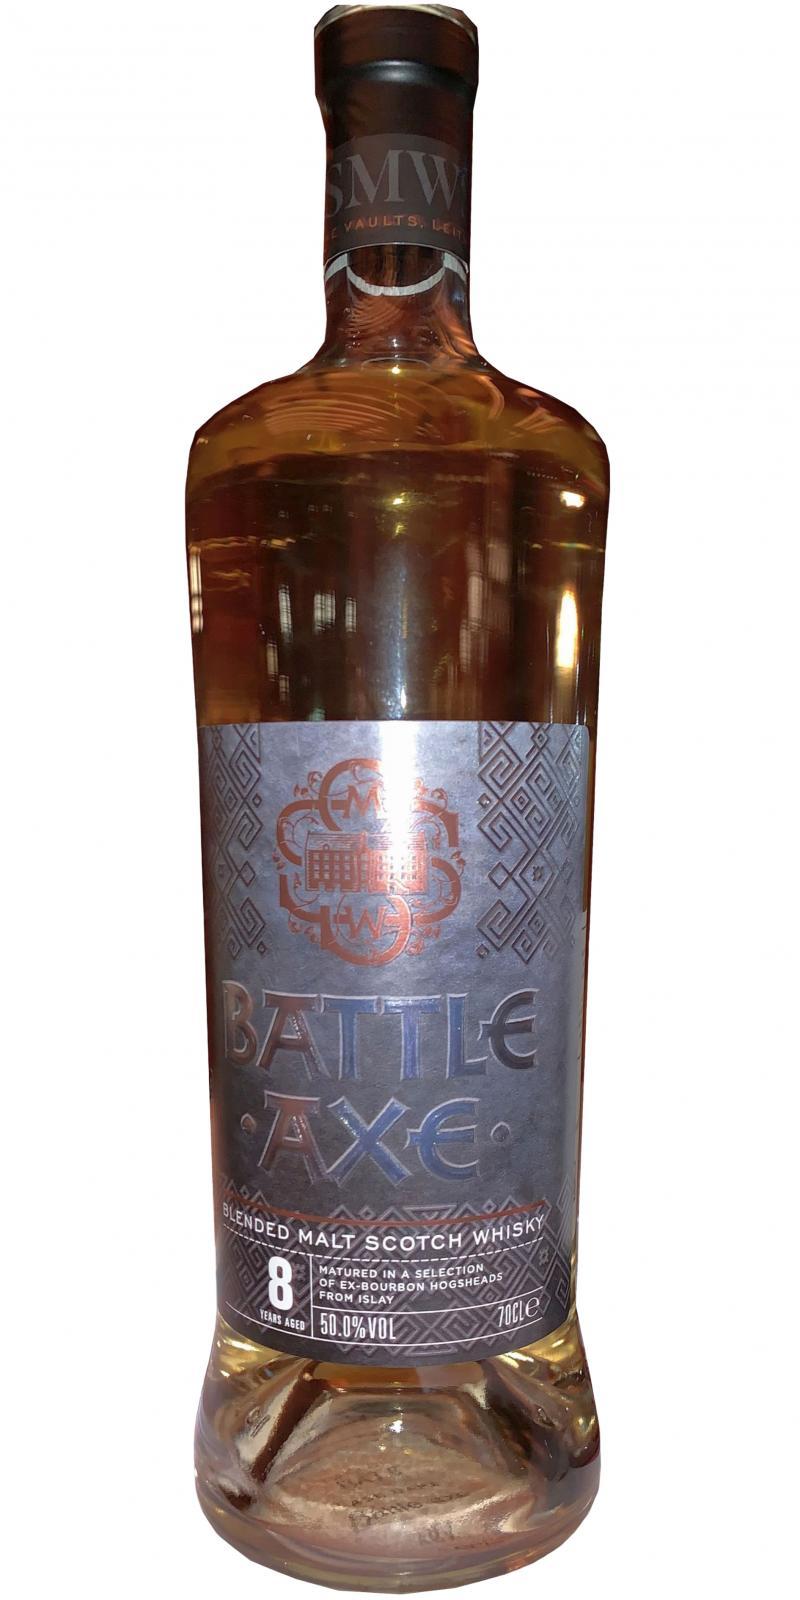 Blended Malt Scotch Whisky 2011 Battle Axe SMWS